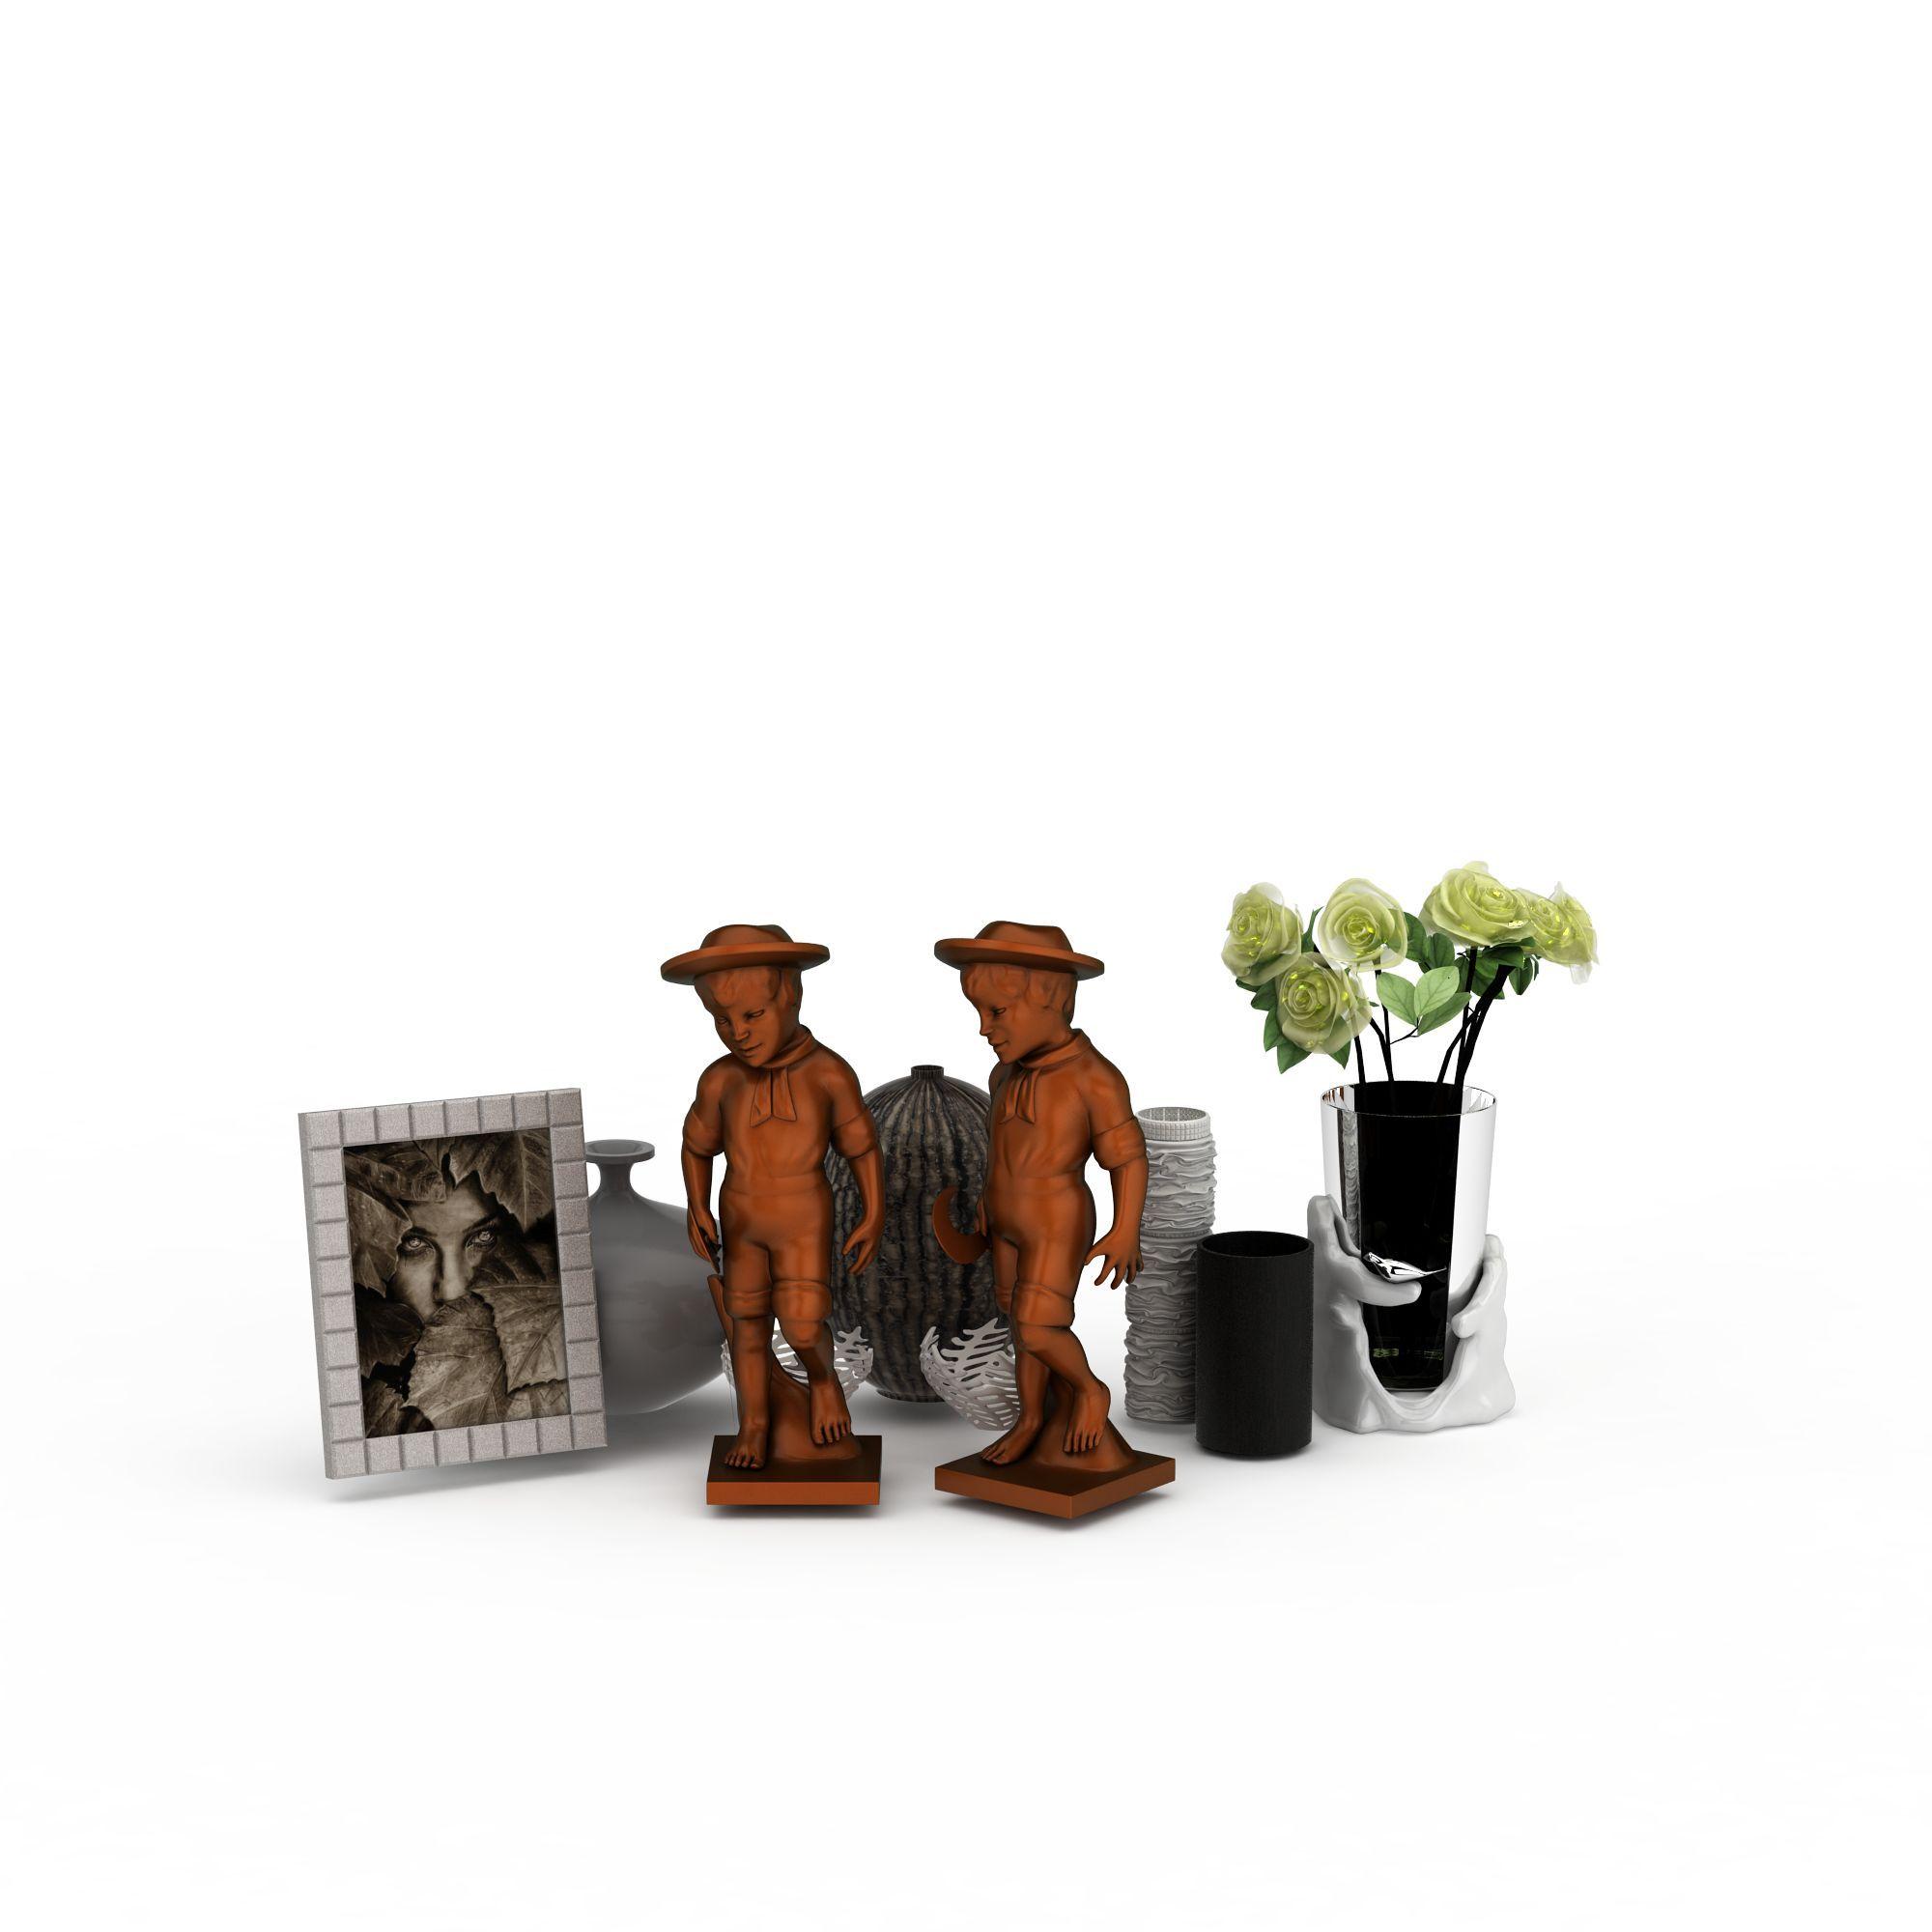 日用饰品 陈设品 室内摆件3d模型 室内摆件png高清图  室内摆件高清图